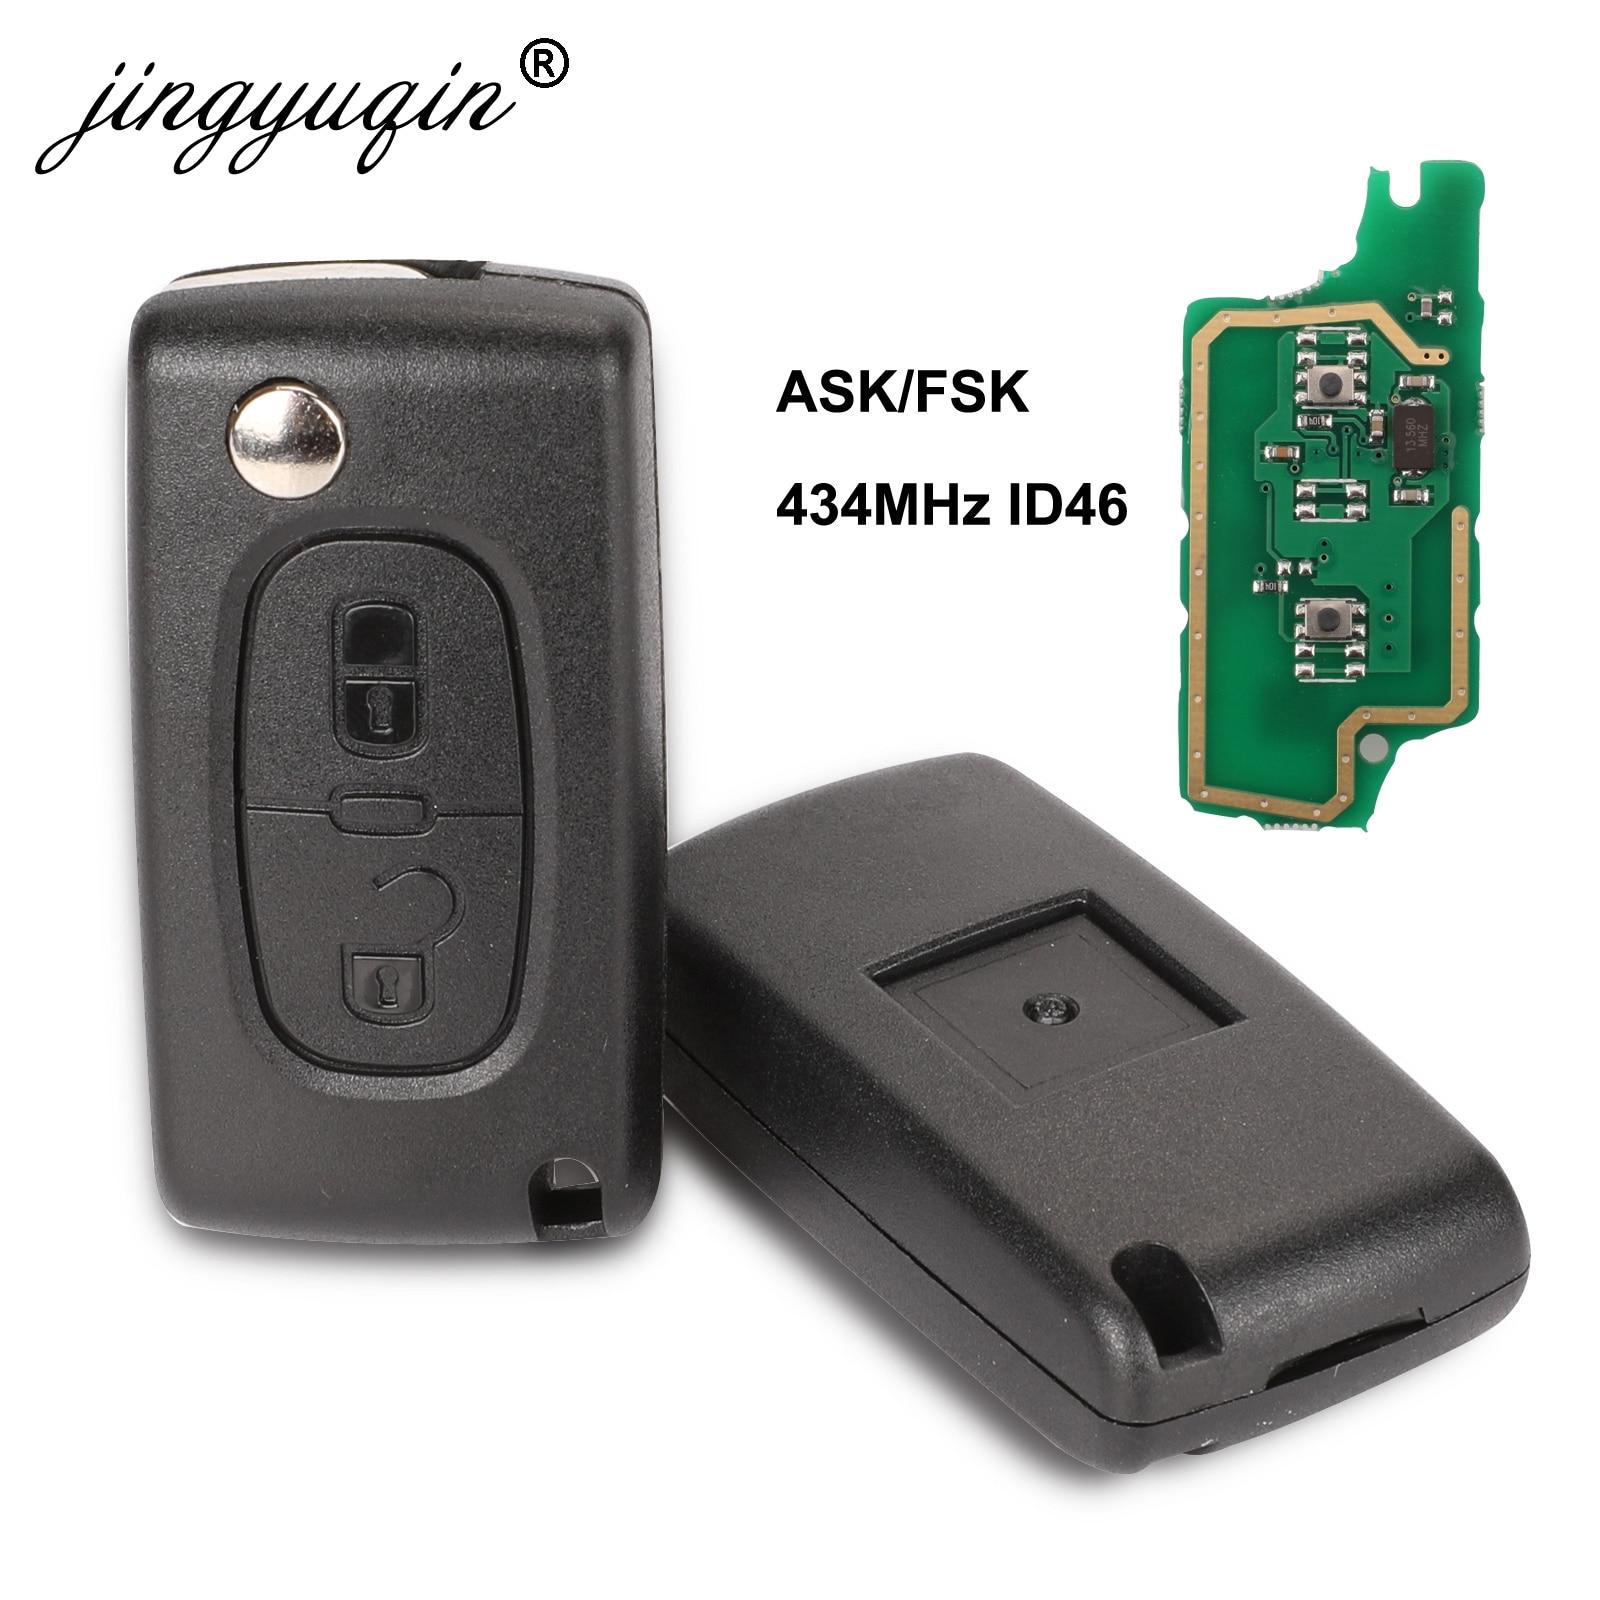 Пульт дистанционного управления jingyuqin, 434 МГц ASK/FSK, 2 кнопки, ключ-книжка для Peugeot 107 207 307 307S 308 407 607, чип PCF7961 PCF7941